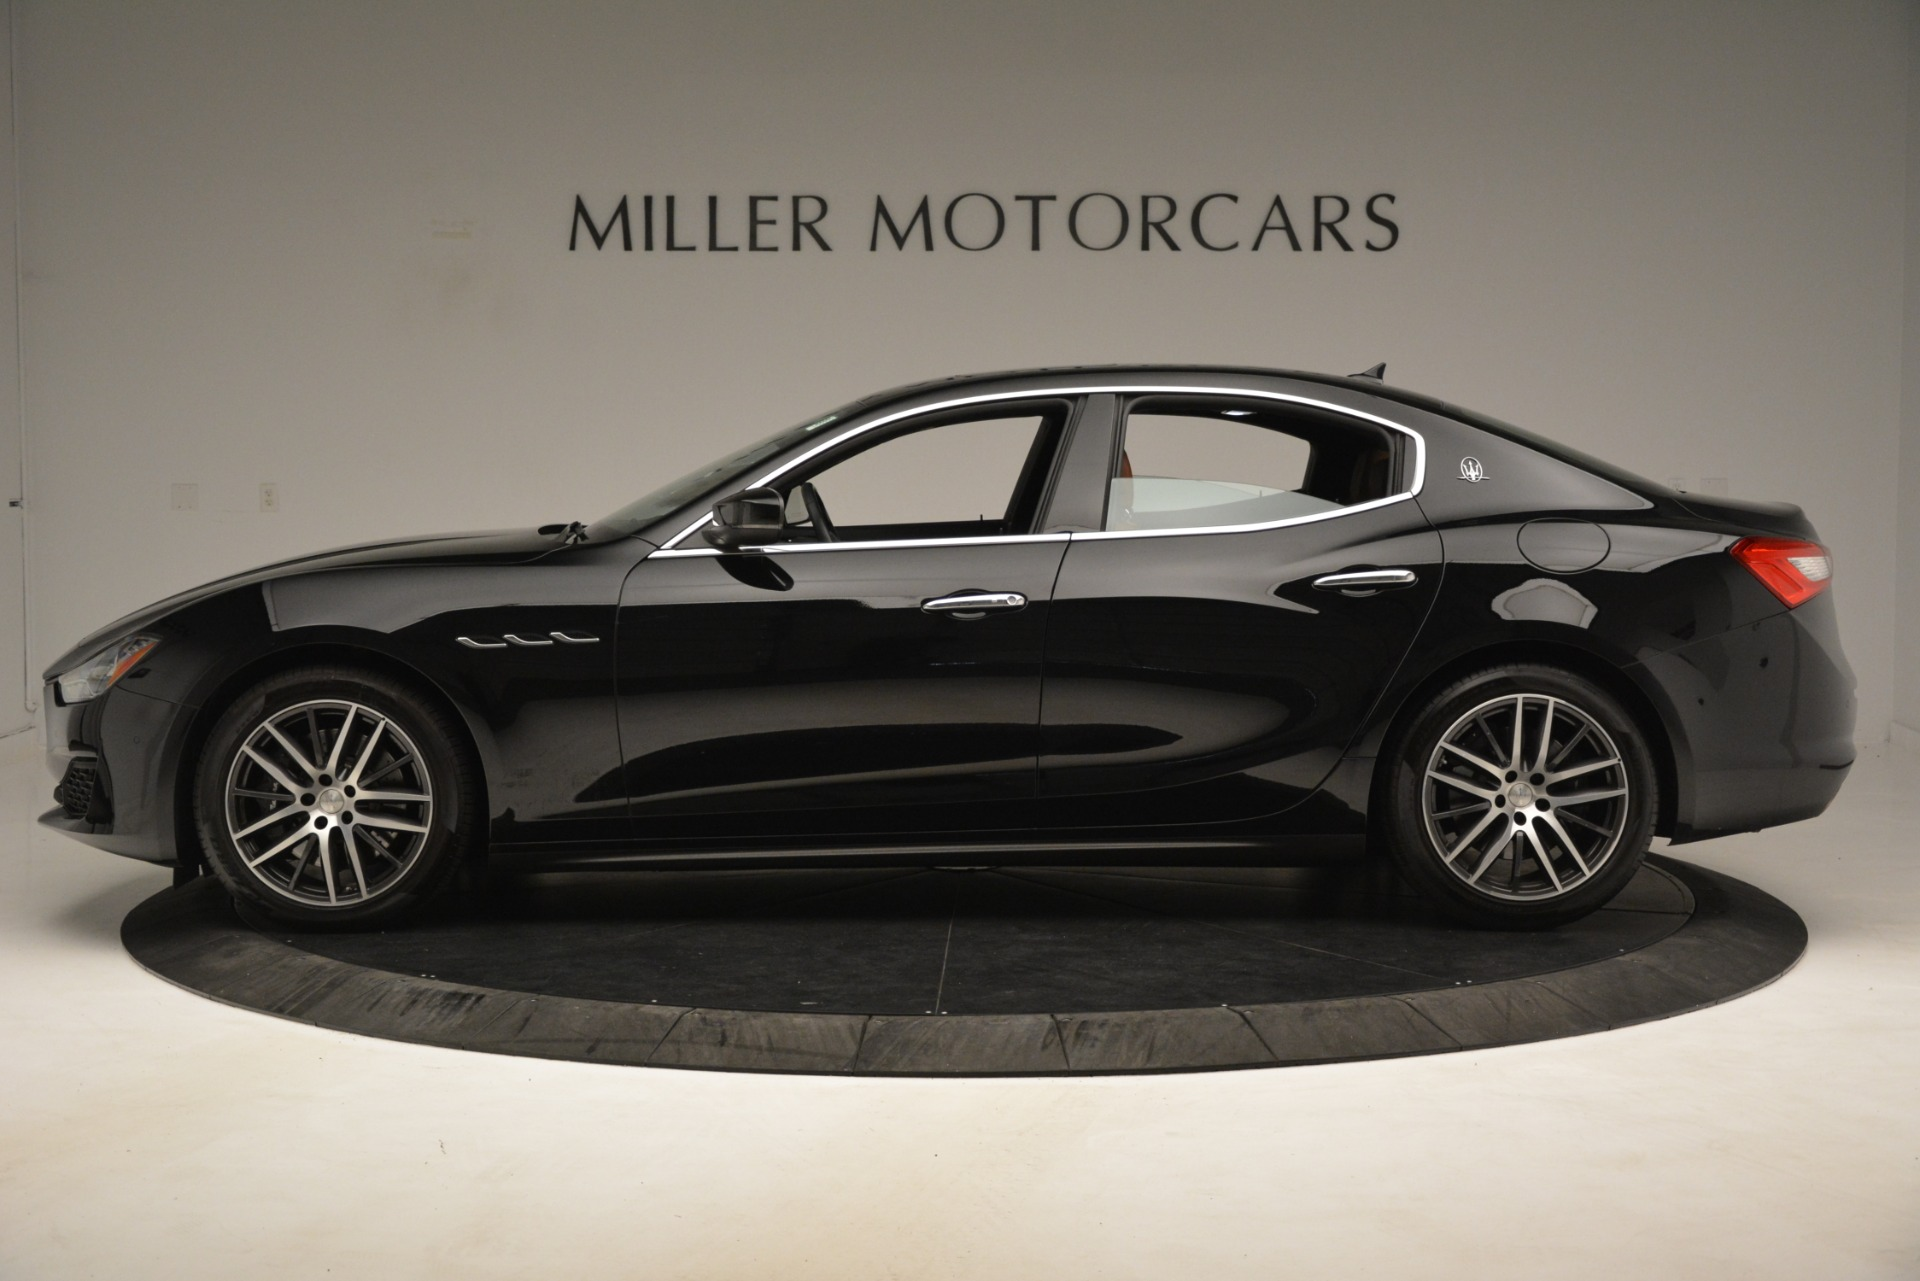 New 2019 Maserati Ghibli S Q4 For Sale In Greenwich, CT. Alfa Romeo of Greenwich, M2238 2793_p3